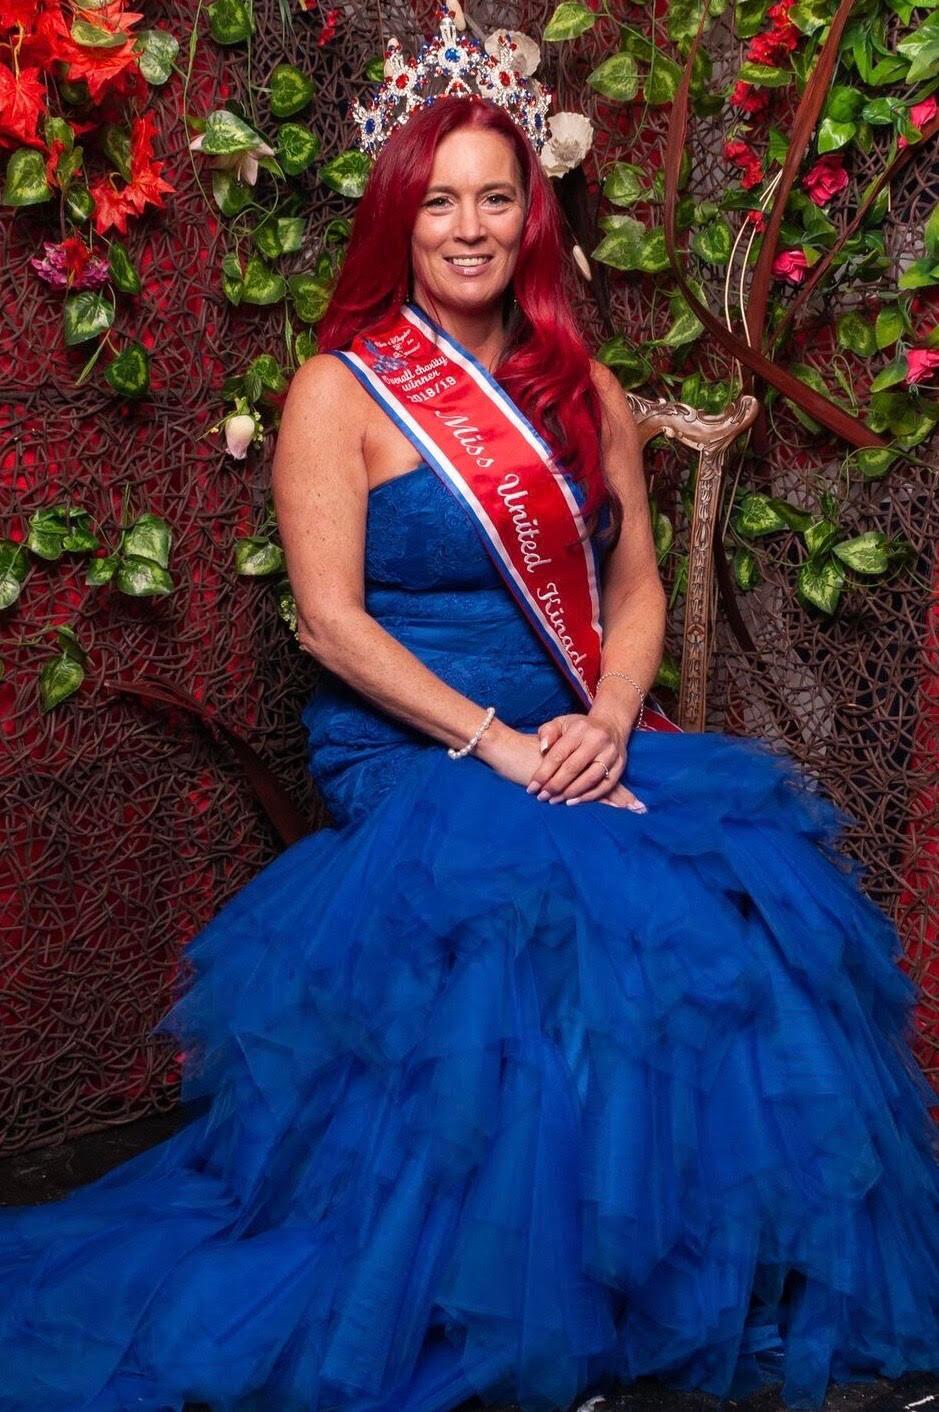 Kathryn Ozmaya, Miss United Kingdom Rose